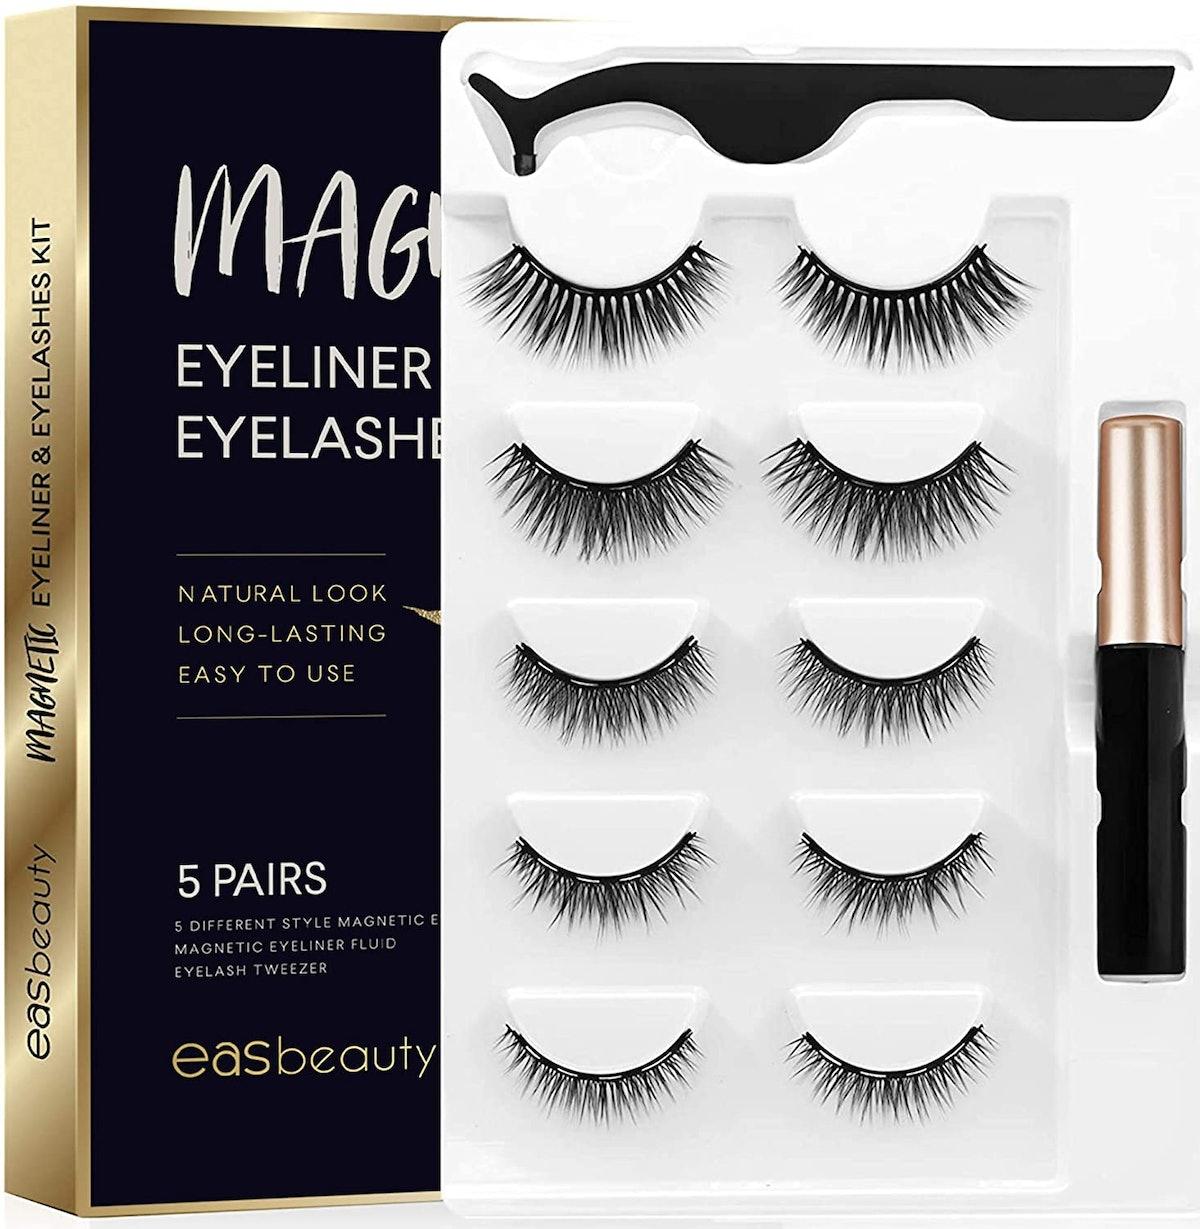 Easbeauty Magnetic Eyeliner & Eyelashes Kit (5 Pairs)